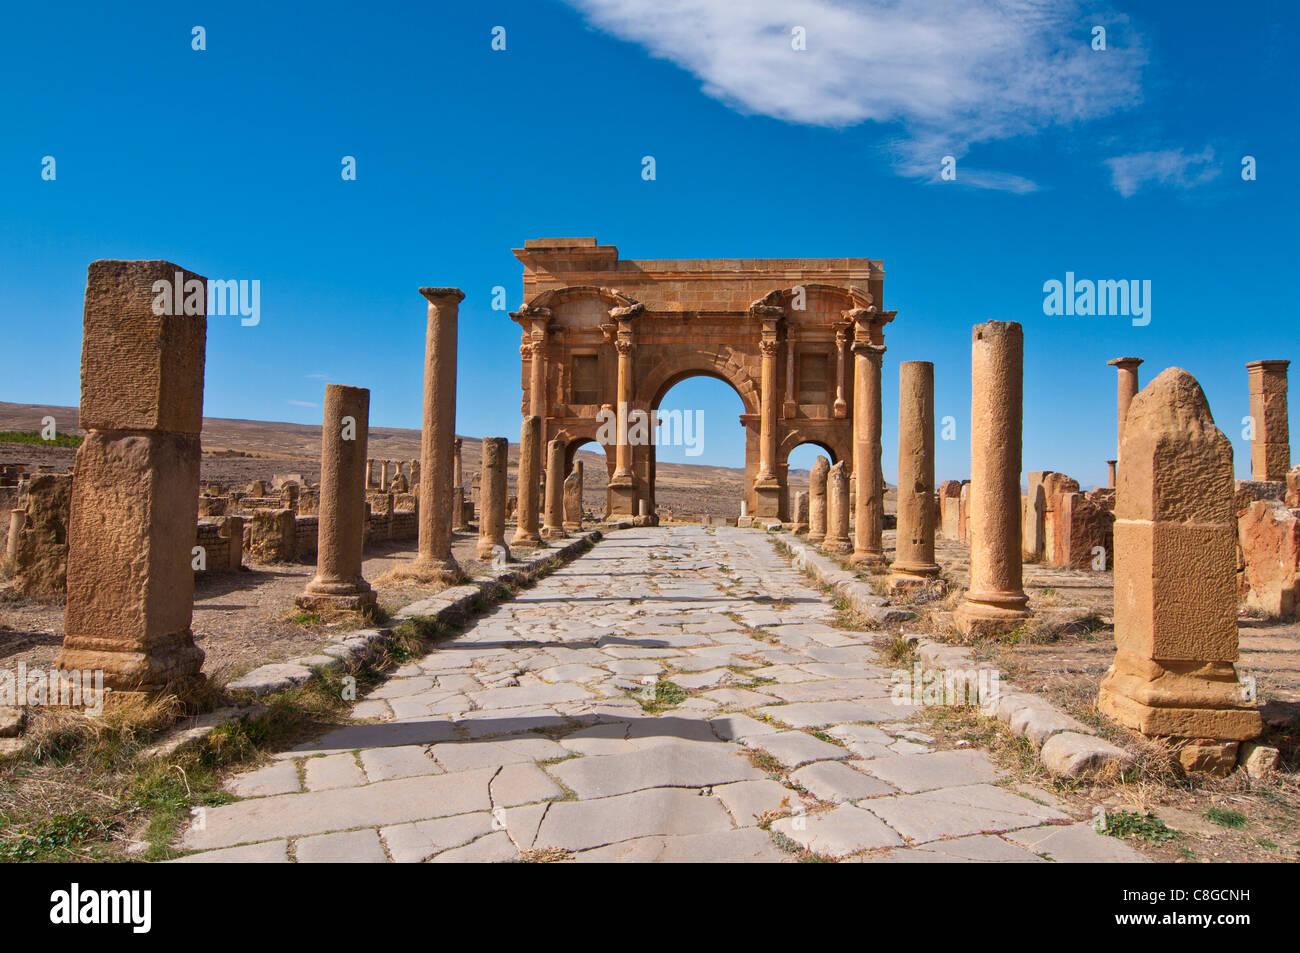 Las ruinas romanas de Timgad, Sitio del Patrimonio Mundial de la UNESCO, Argelia, Norte de África Imagen De Stock